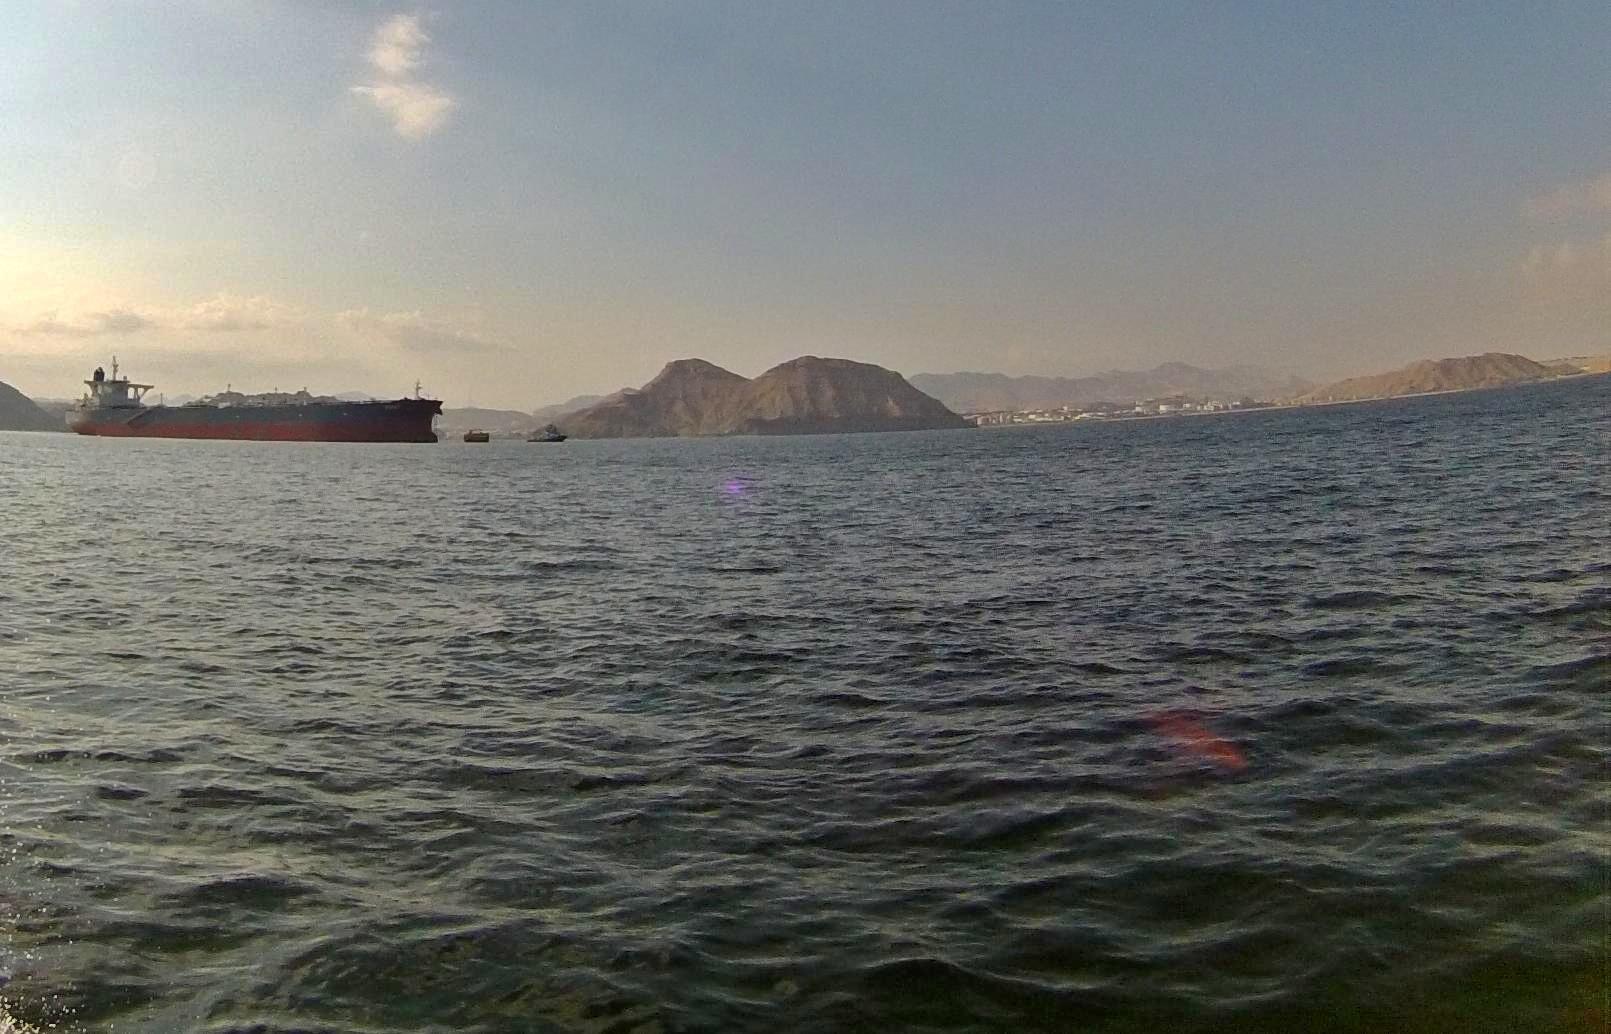 ميناء الفحل 2.jpg